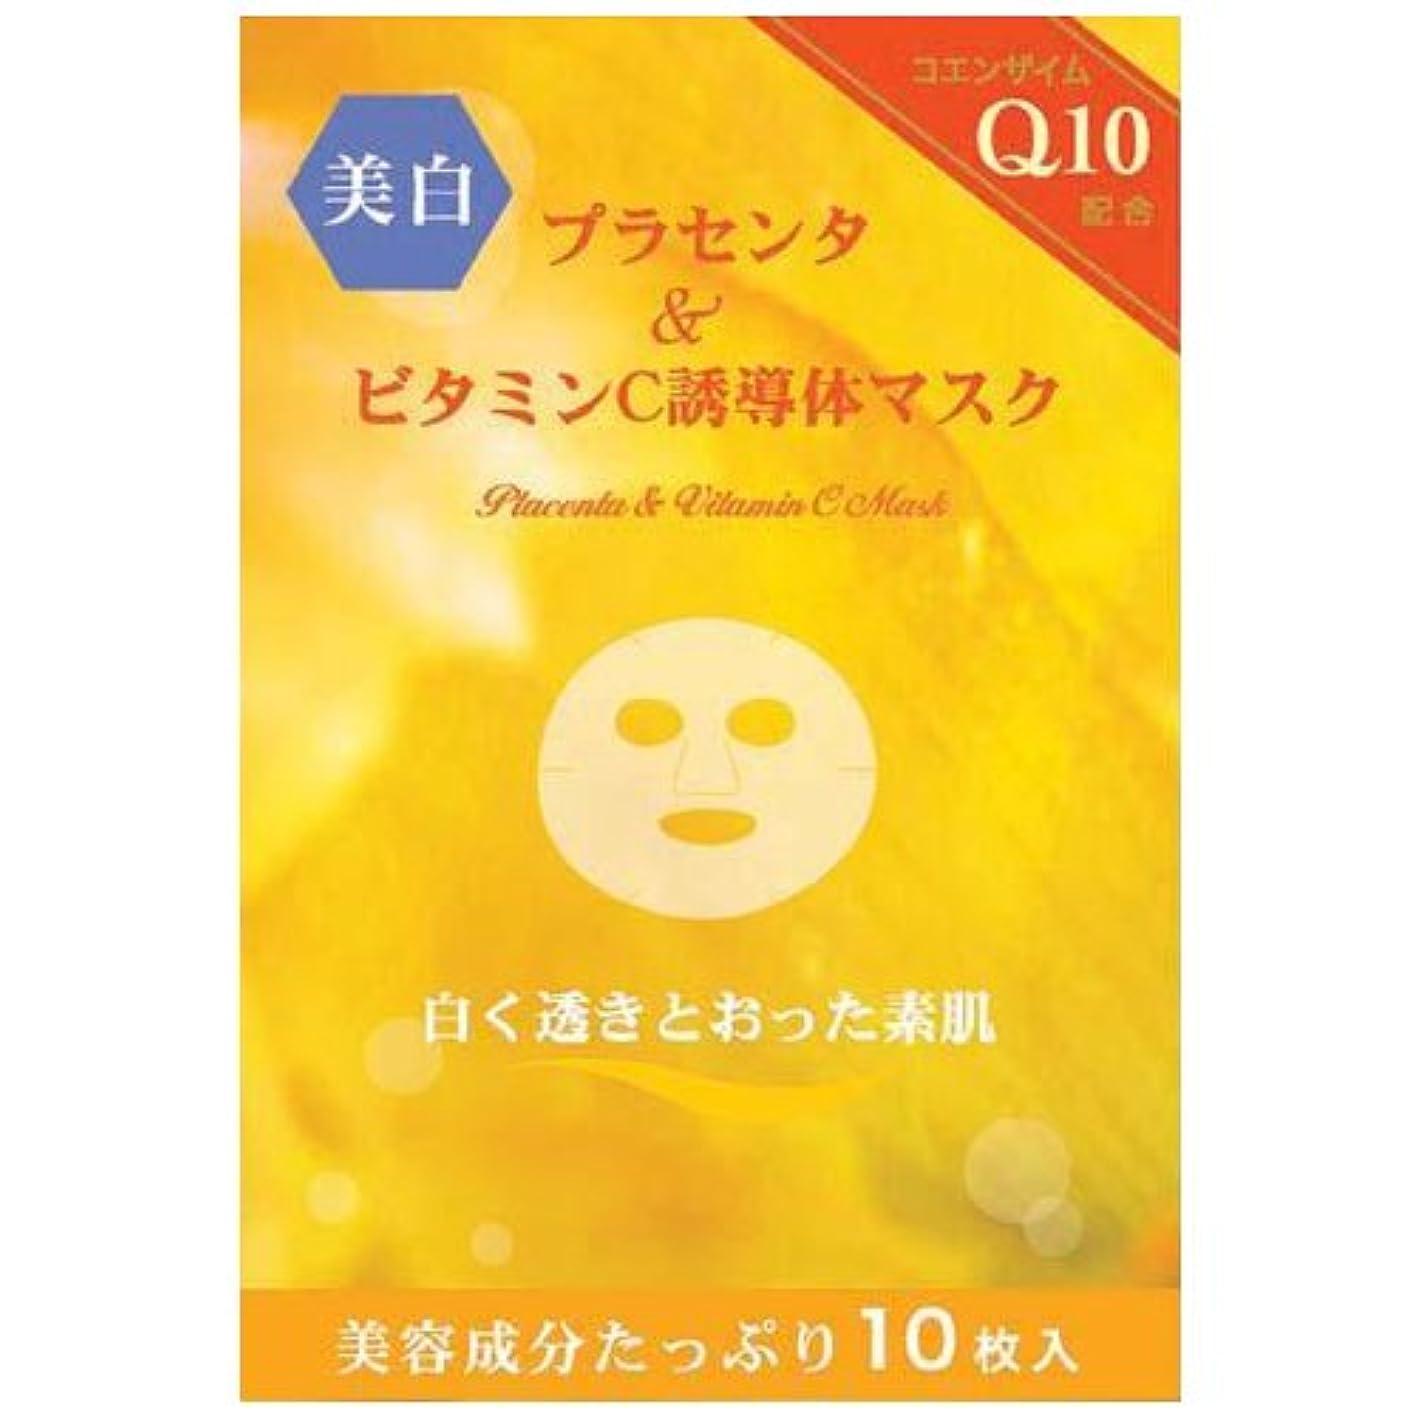 アリス器用癒すプラセンタ&ビタミンC誘導体マスク